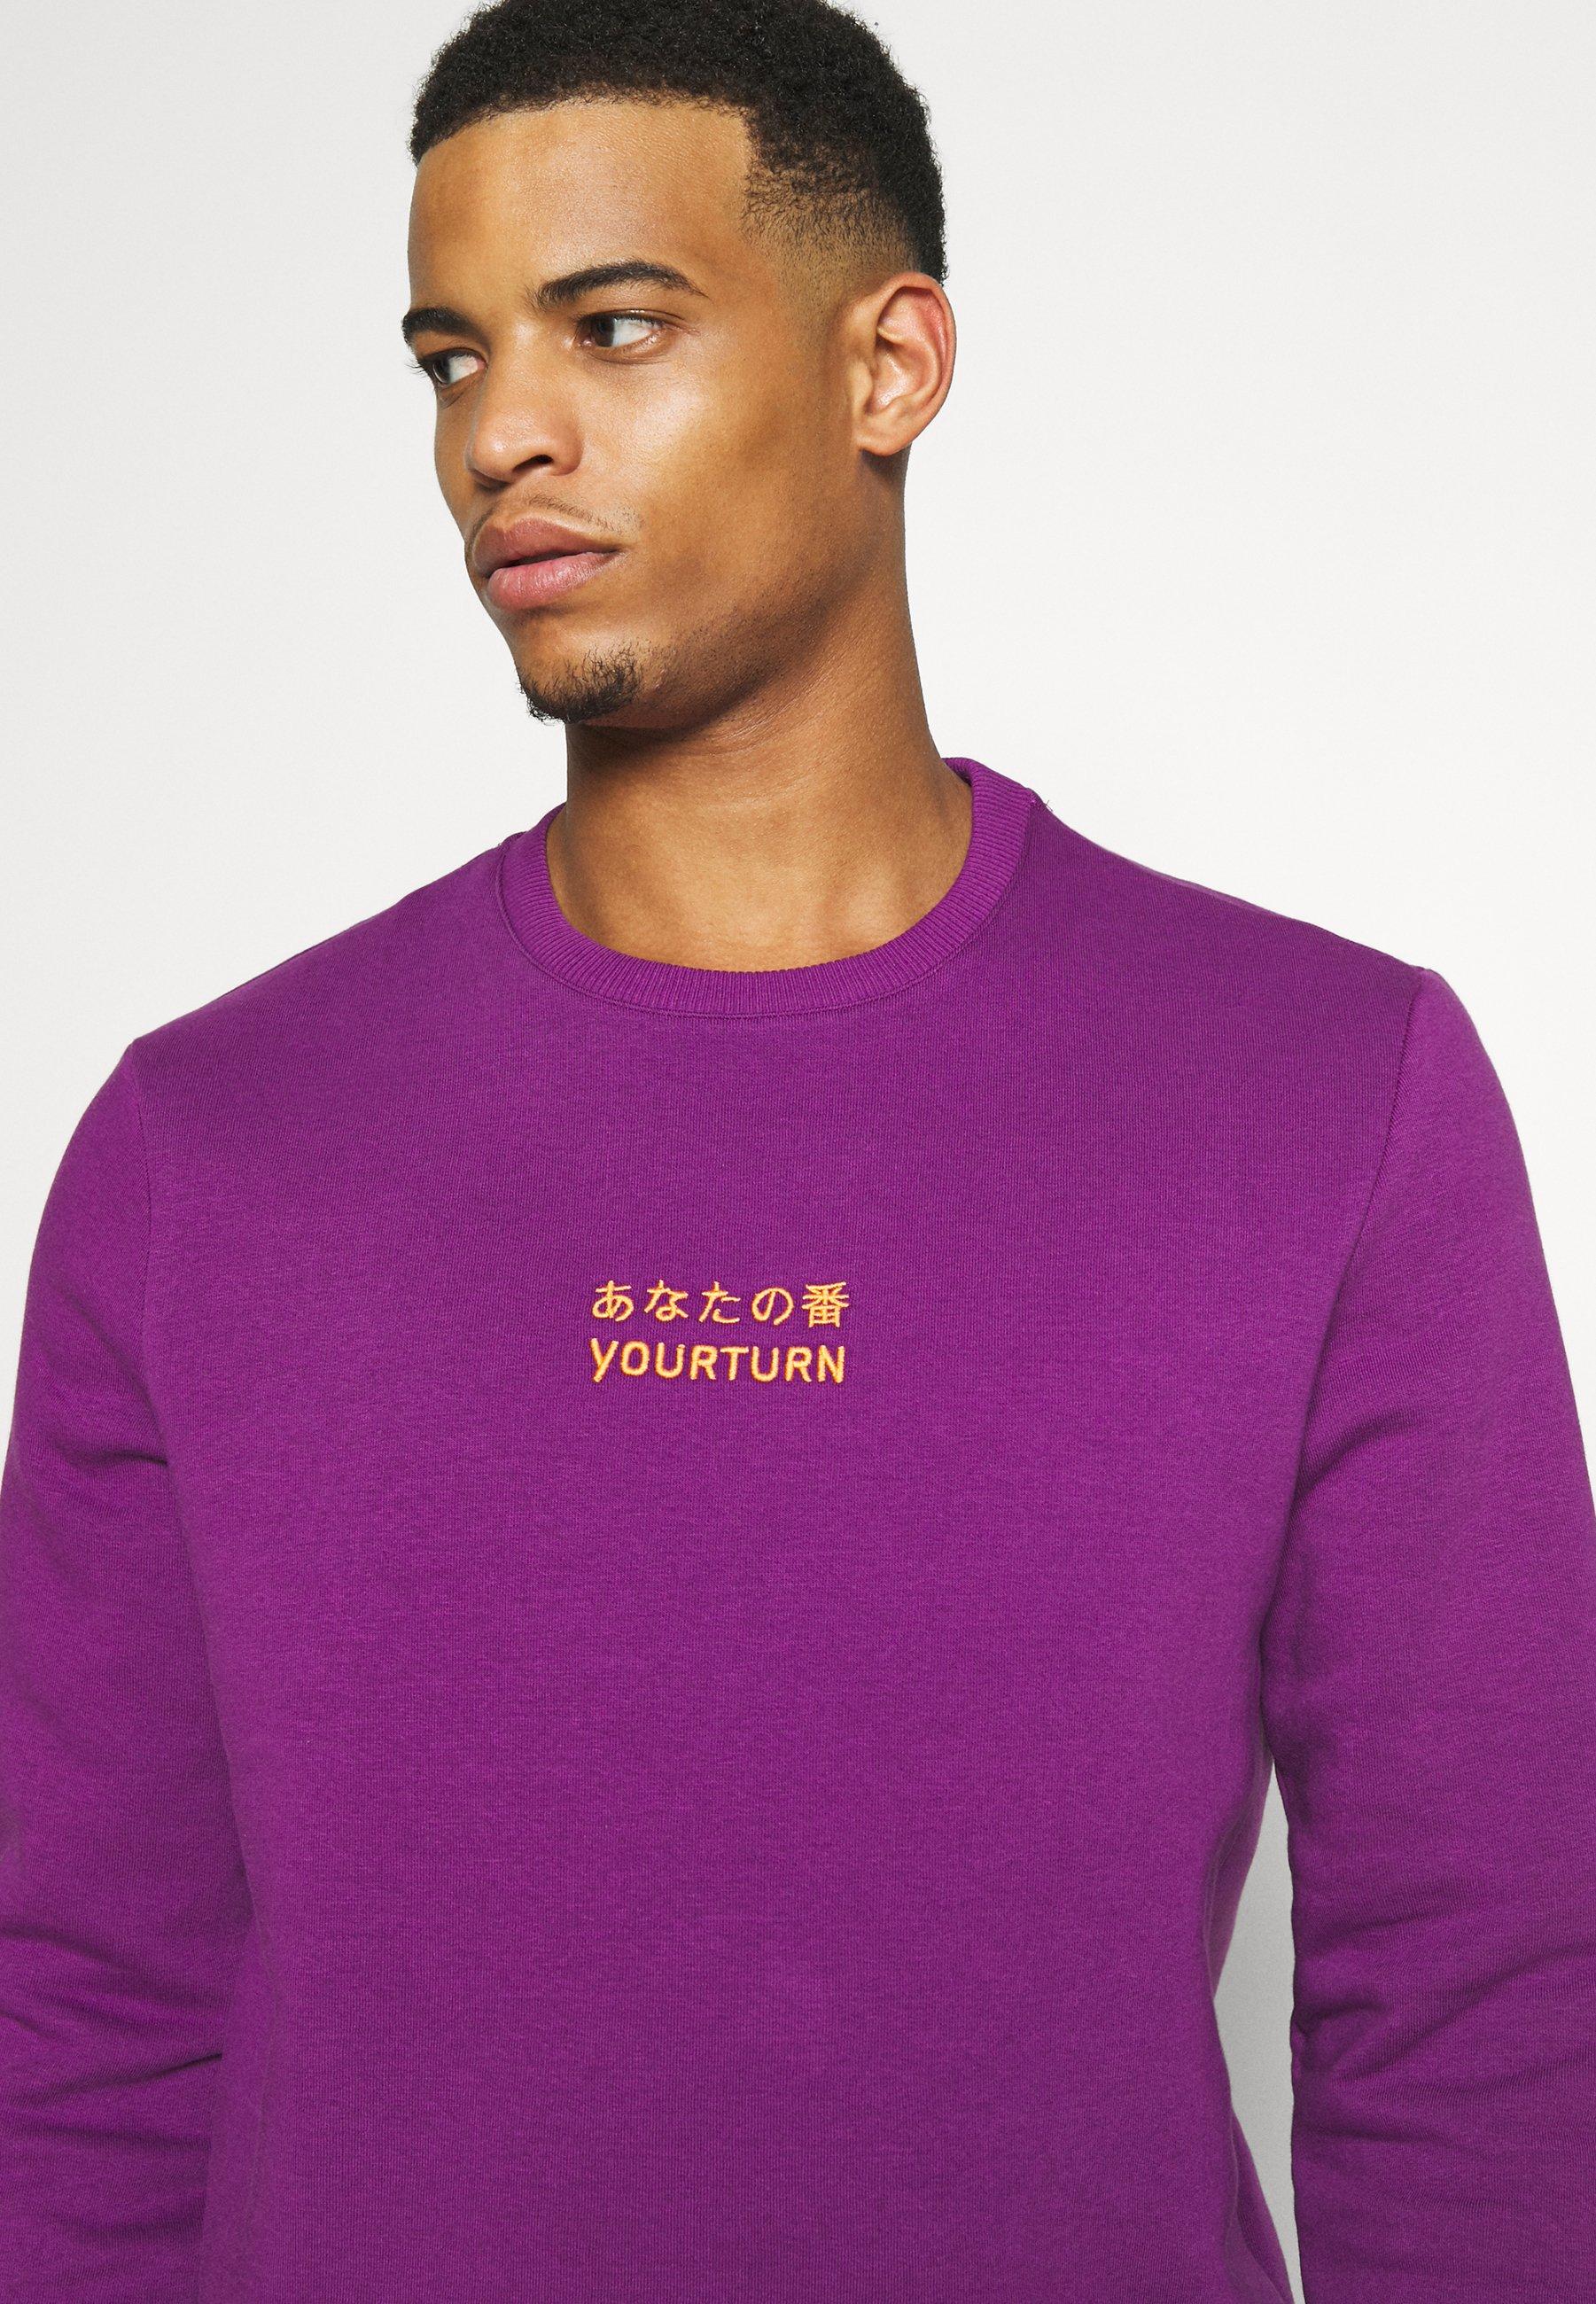 YOURTURN Sweatshirt -  purple gb2YV